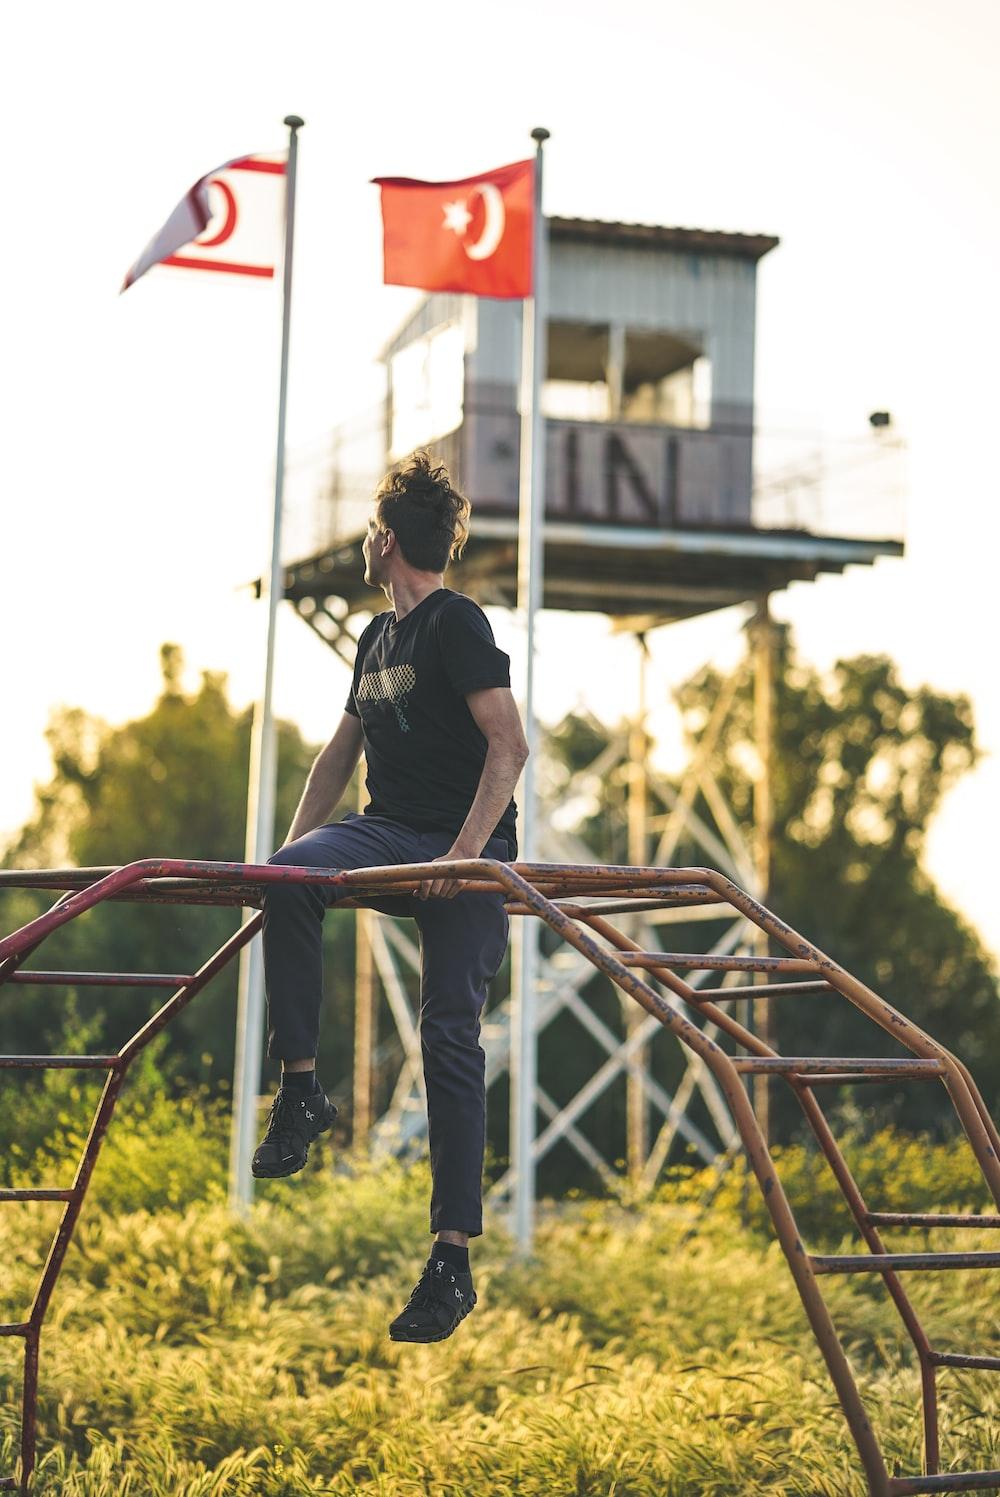 man sitting on red metal monkey bar during daytime